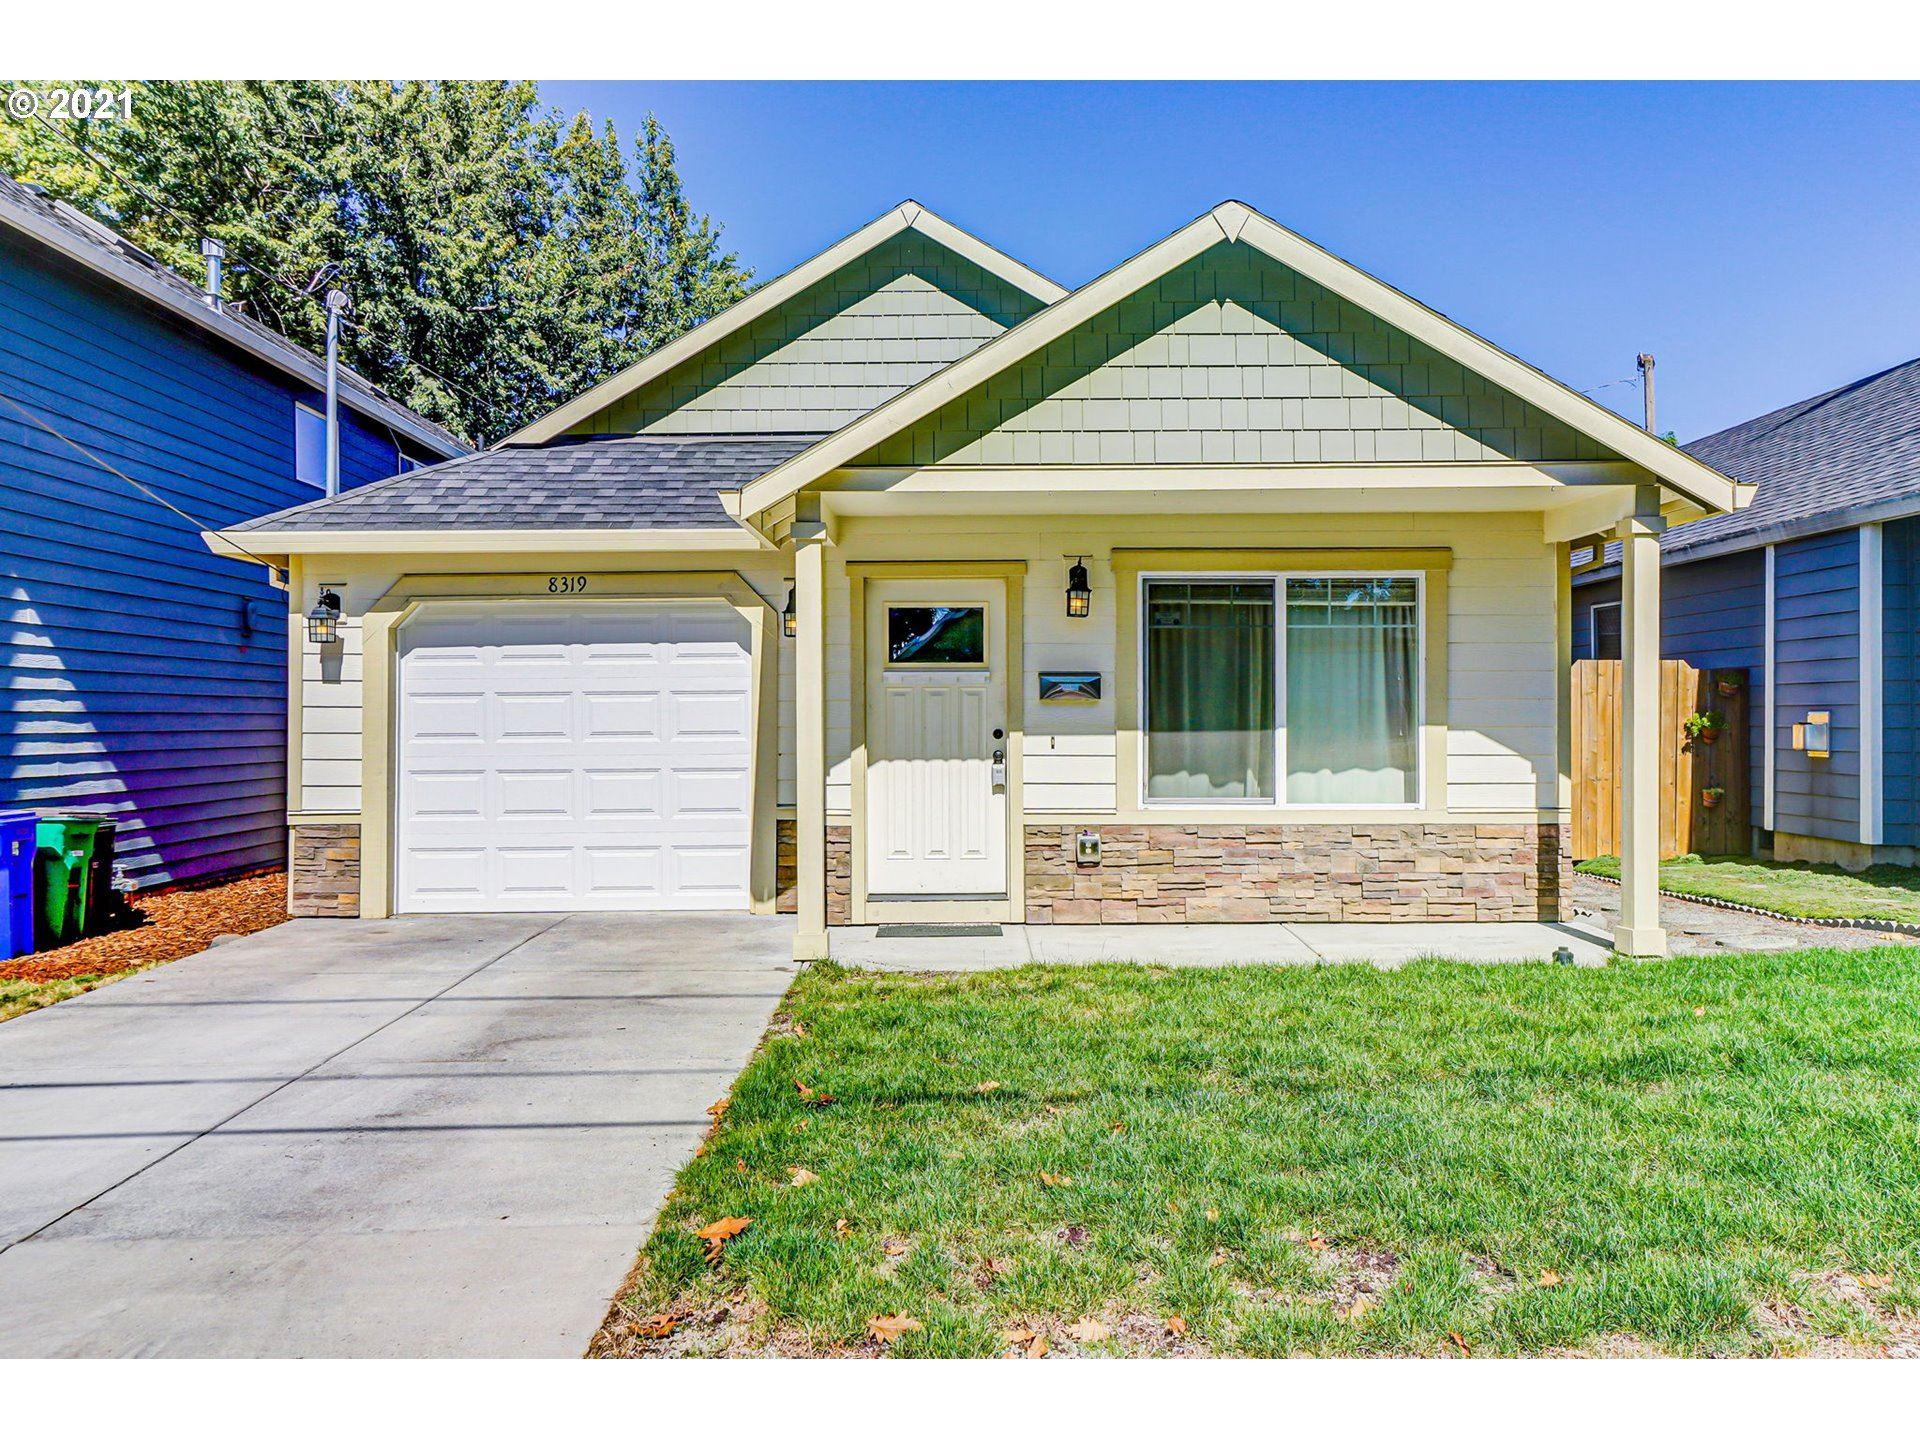 8319 NE BRAZEE ST, Portland, OR 97220 - MLS#: 21412611